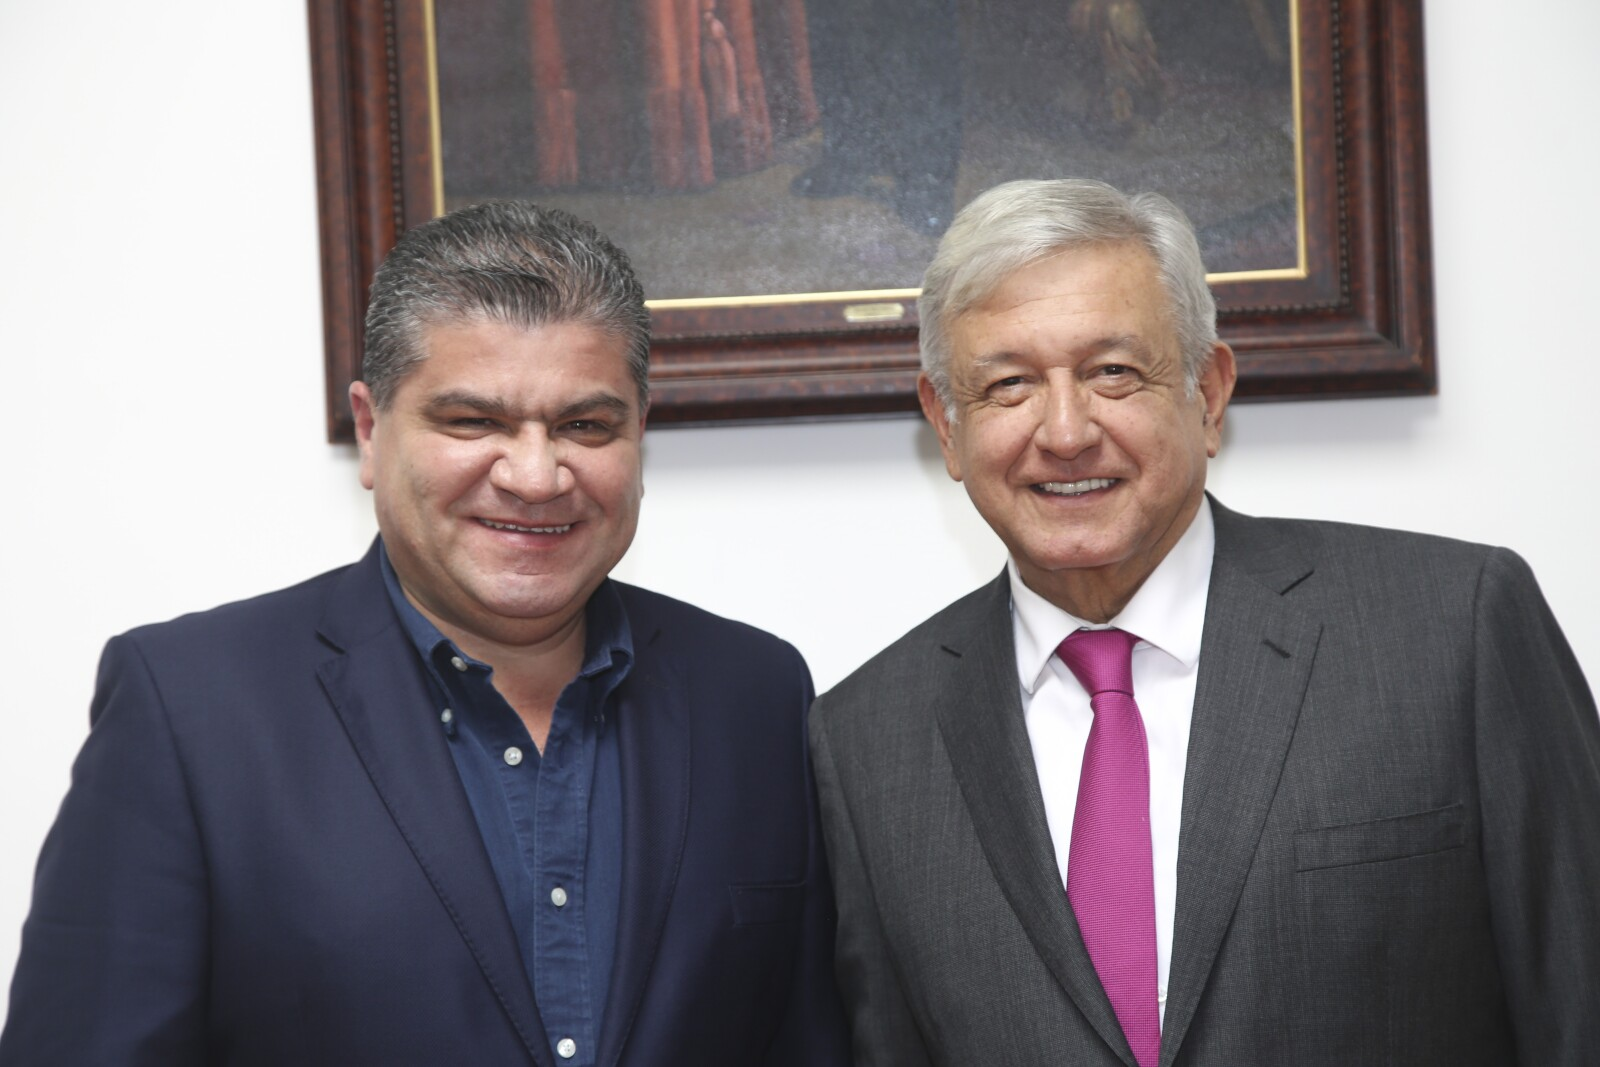 Miguel Ángel Riquelme Solis